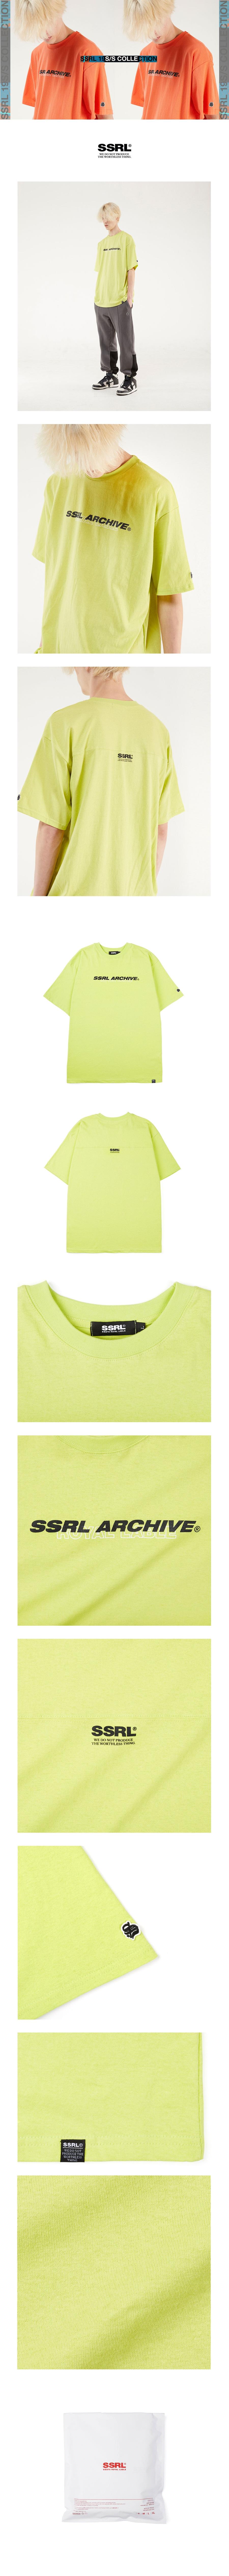 에스에스알엘(SSRL) archive tee / neon